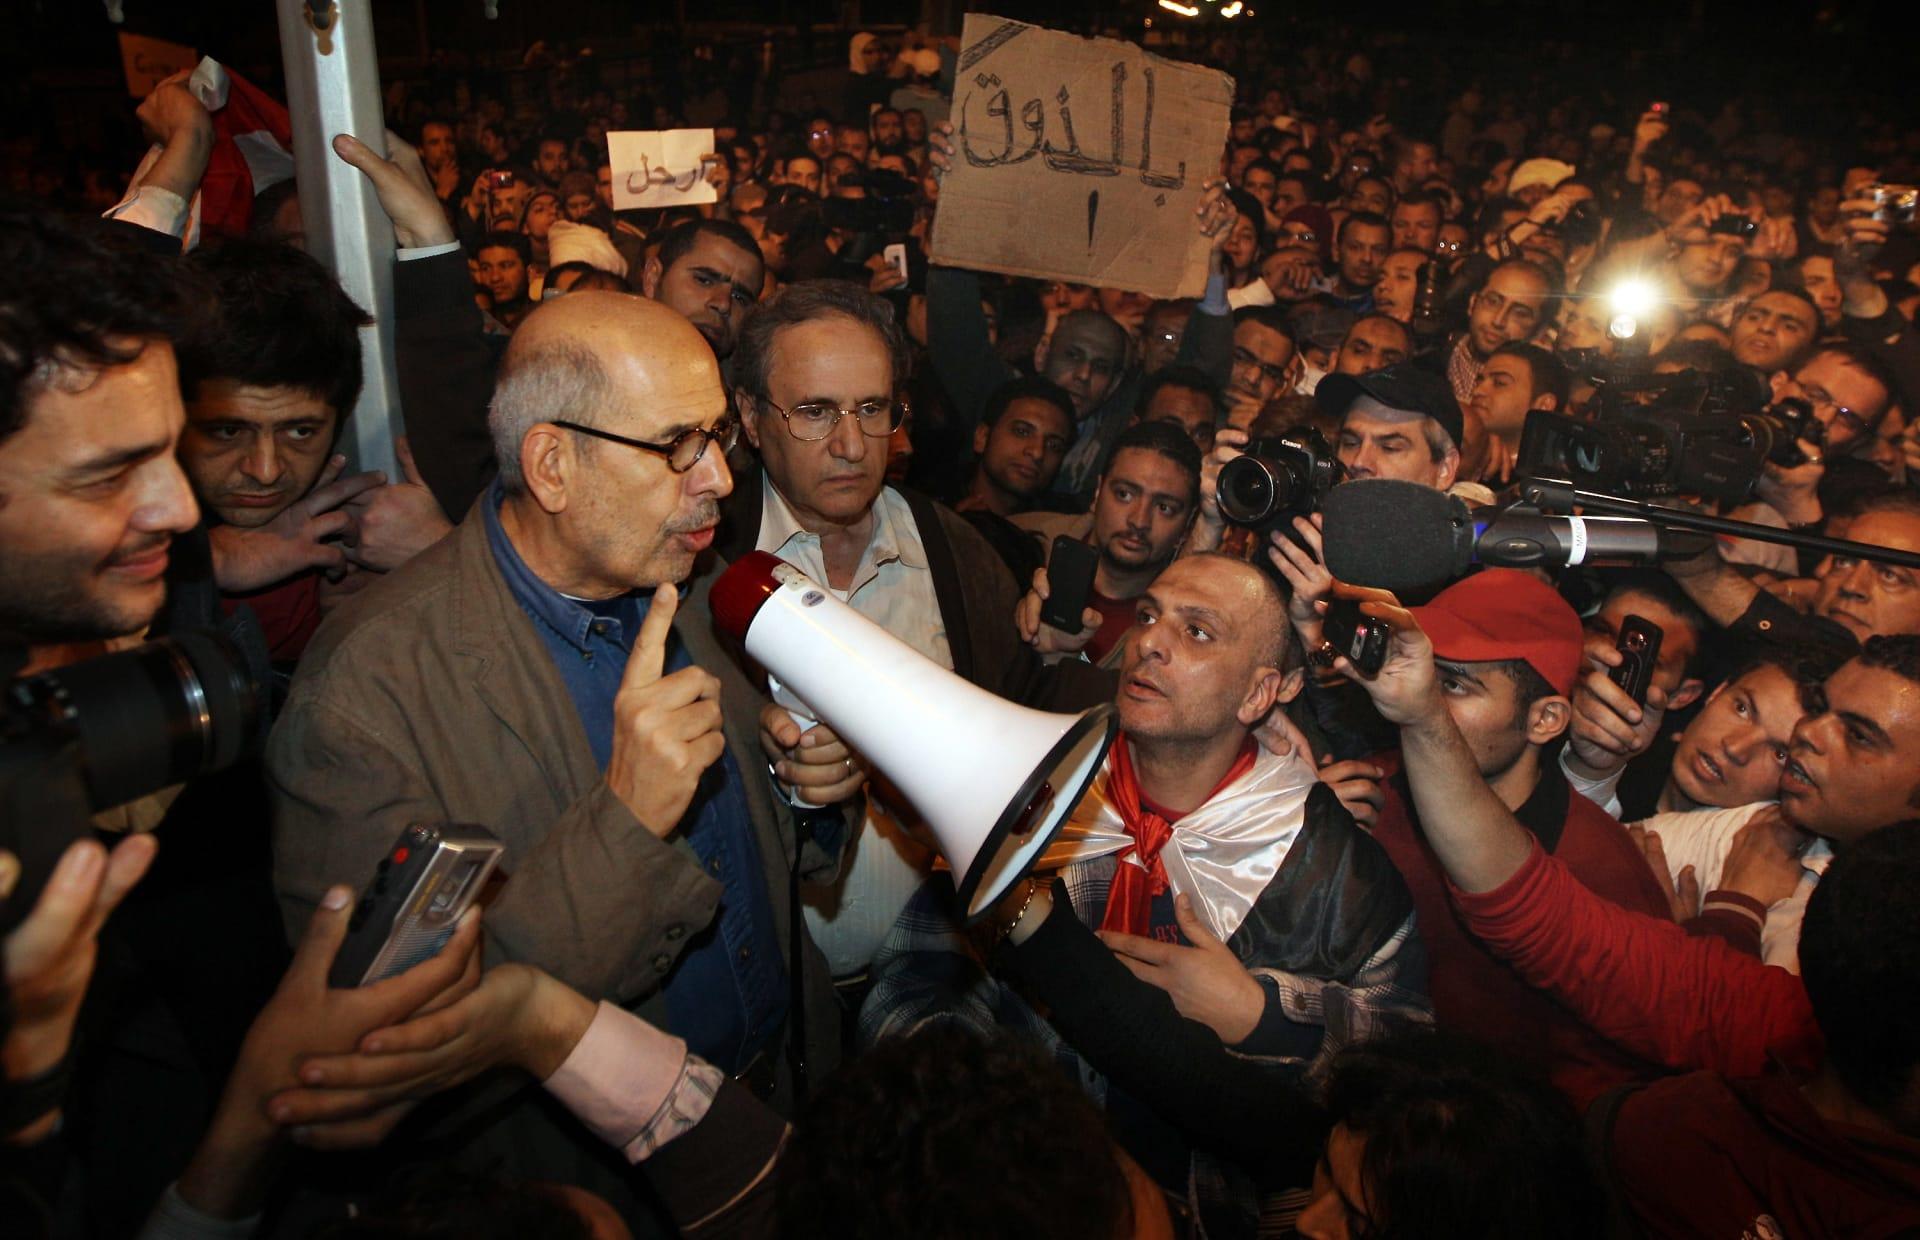 البرادعي: الربيع العربي ما زال حيا.. وهذه ركائز الانتقال للحكم الرشيد